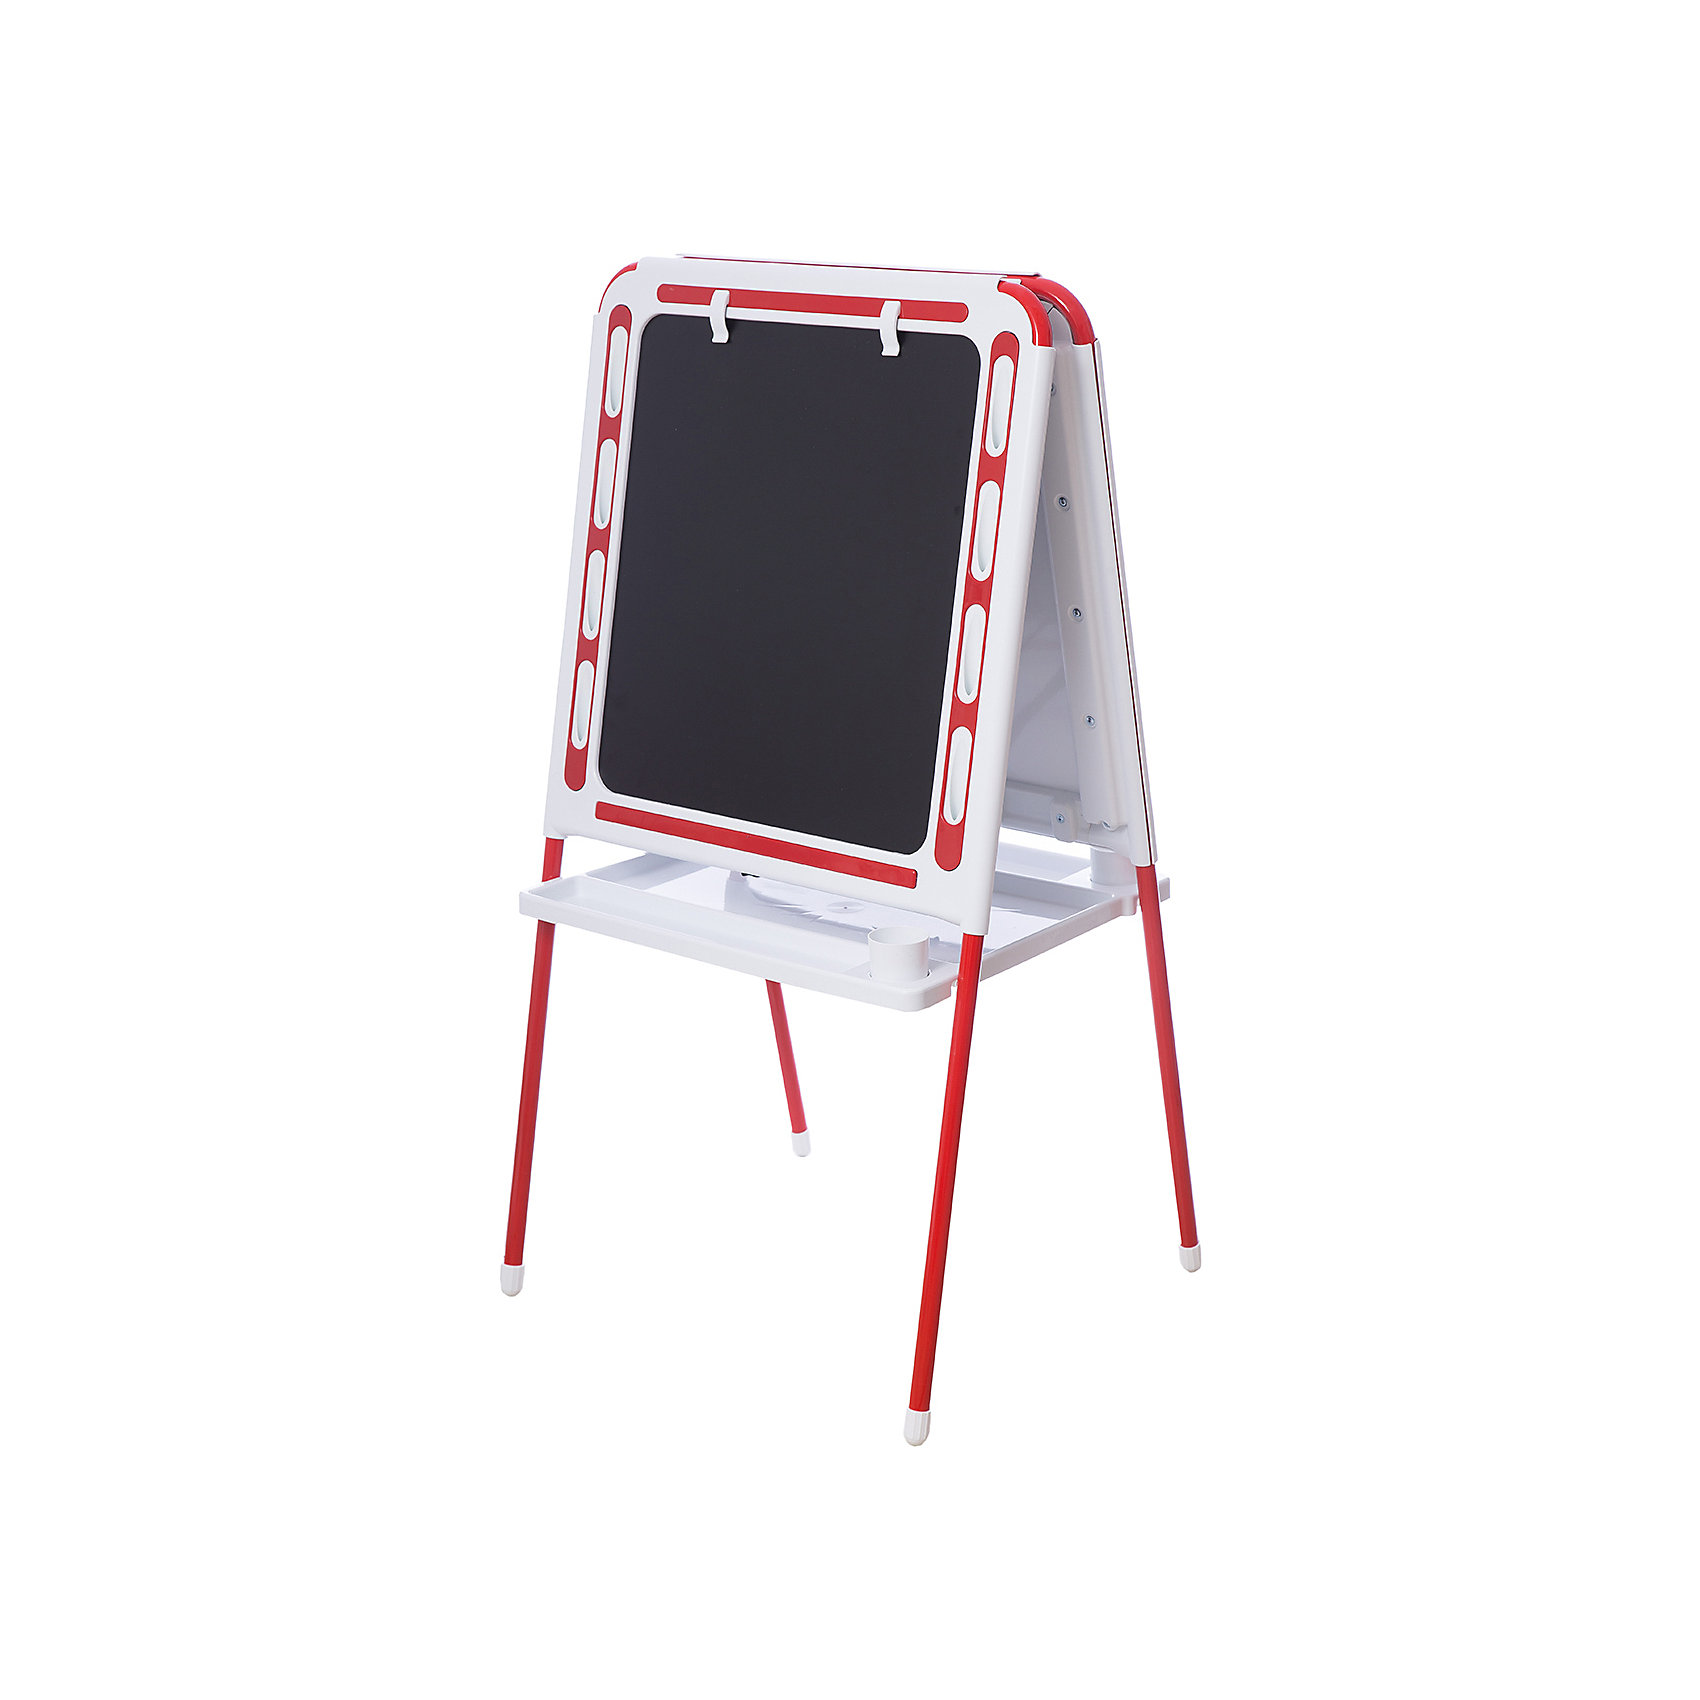 Красный мольбертРисование<br>Красный мольберт – это мольберт с двумя рабочими поверхностями, предназначенный для детского творчества и развития.<br>Современный, функциональный и очень удобный мольберт - это универсальный уголок для рисования и обучения у вас дома. Двойная доска устанавливается «домиком» прямо на пол и не требует дополнительных креплений. На металлических ножках – пластмассовые заглушки. Мольберт спроектирован особым образом: он может  использоваться двумя детьми одновременно. С обеих сторон мольберта есть удобные зажимы для бумаги. В комплект входят два стаканчика для рисования, большая полка для альбомов и красок. Мольберт подходит для работы красками, мелом, карандашами и маркерами. Юный художник по достоинству оценит удобные пазы-подставки для канцелярских принадлежностей, расположенные прямо на рамке мольберта, слева и справа от его рабочей поверхности. Углы мольберта скруглены для снижения травматичности ребенка.<br><br>Дополнительная информация:<br><br>- В комплекте: мольберт, два стаканчика для рисования, полка<br>- Цвет: белый, красный<br>- Материал: пластик, металл<br>- Размер: 100,5х48 см.<br>- Размер упаковки: 112х55х70 см.<br>- Вес: 14,2 кг.<br><br>Красный мольберт можно купить в нашем интернет-магазине.<br><br>Ширина мм: 1220<br>Глубина мм: 650<br>Высота мм: 110<br>Вес г: 14200<br>Возраст от месяцев: -2147483648<br>Возраст до месяцев: 2147483647<br>Пол: Унисекс<br>Возраст: Детский<br>SKU: 4589686